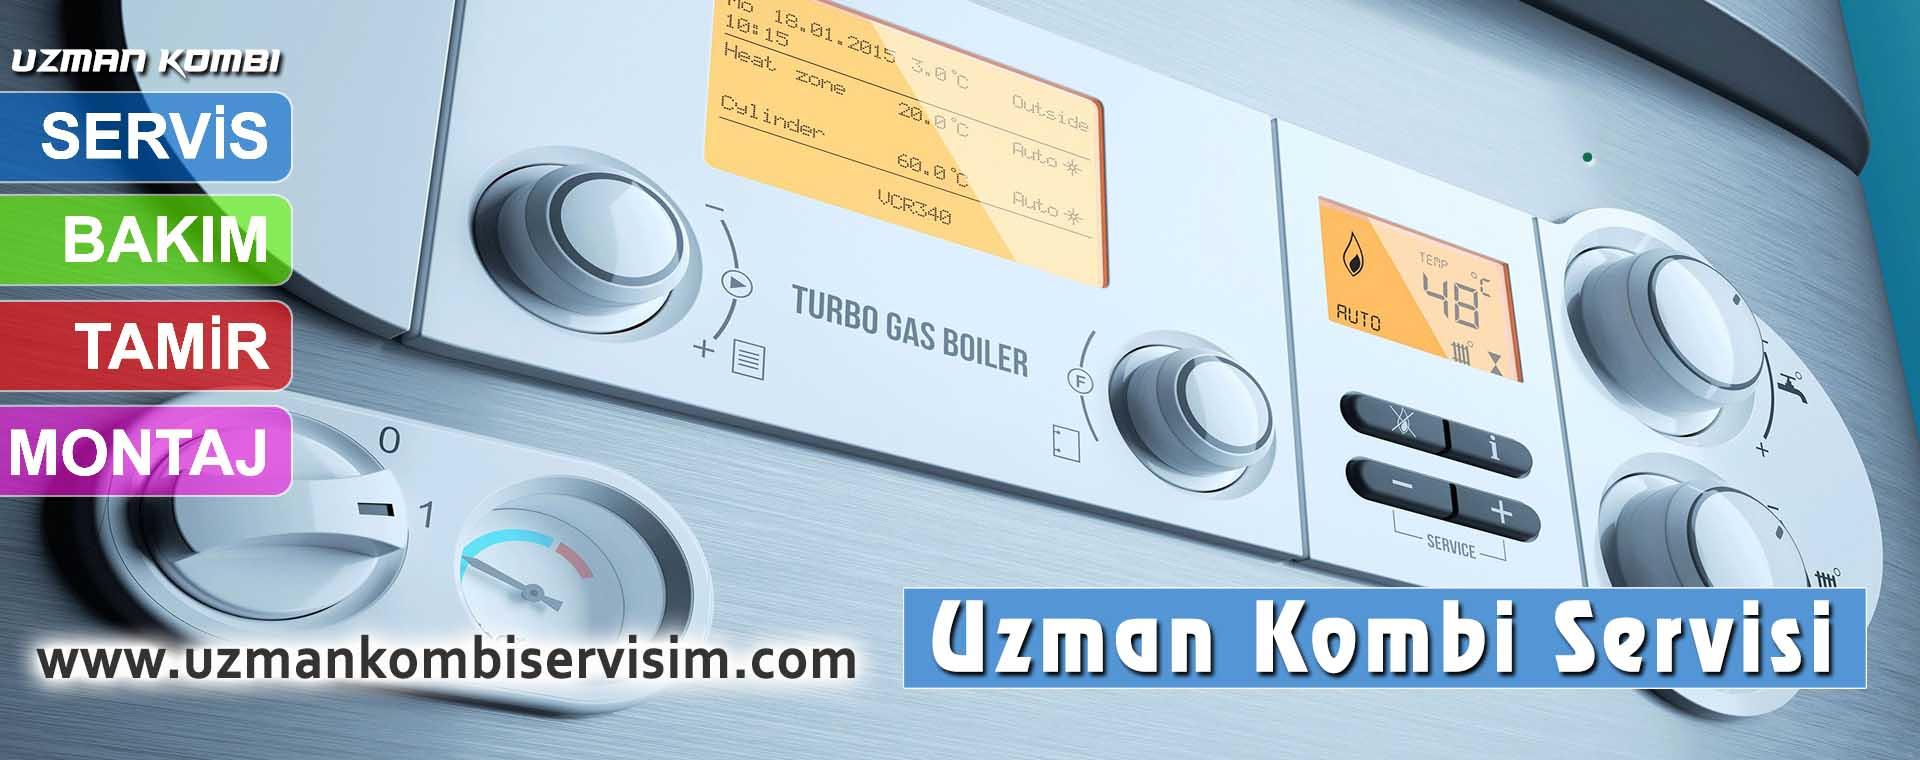 Altındağ Kombi Servisi Ankara, Servisimizde, kombi tamiri, kombi bakımı, kombi montajı, petek temizleme ve kart tamiri garantili olarak yapılmaktadır. Altındağ 7/24 garantili kombi teknik servisi.